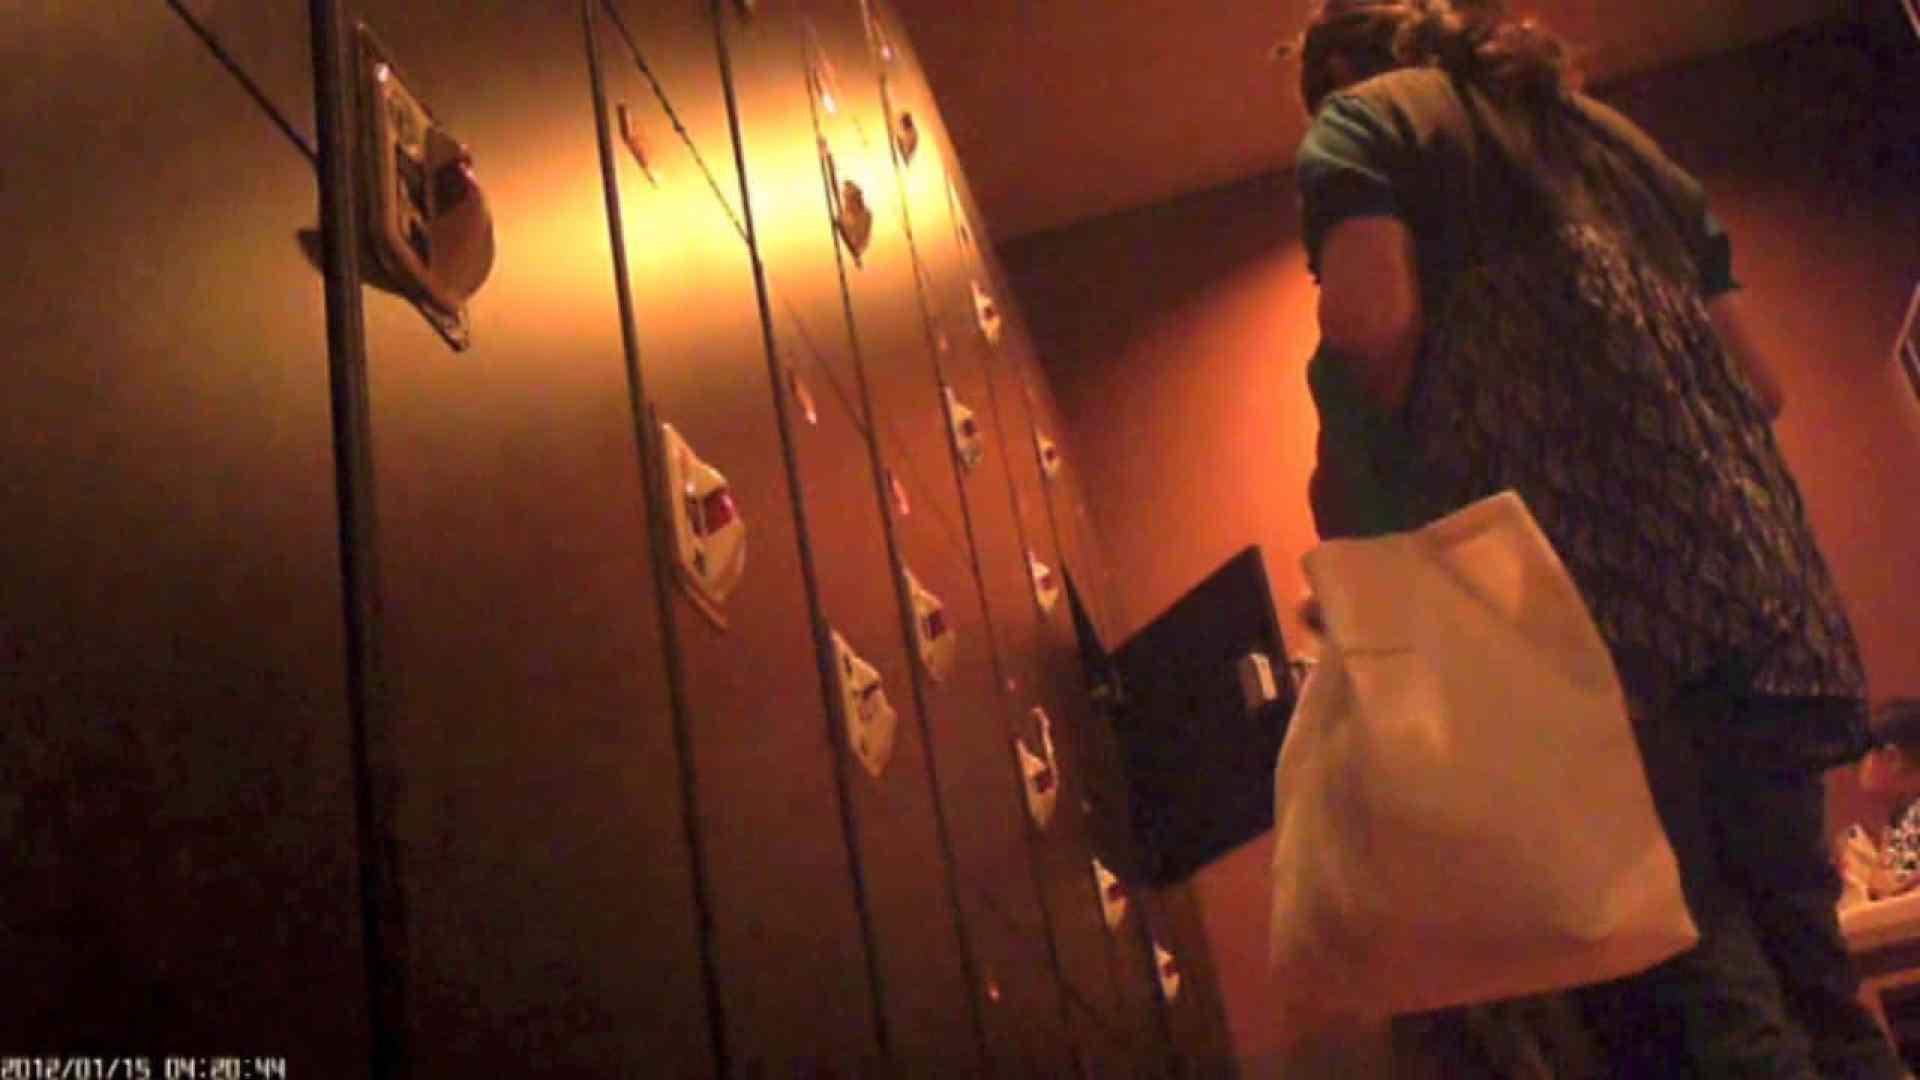 現役ギャル盗撮師 hana様の女風呂潜入撮!Vol.5 潜入突撃 オマンコ無修正動画無料 73pic 18